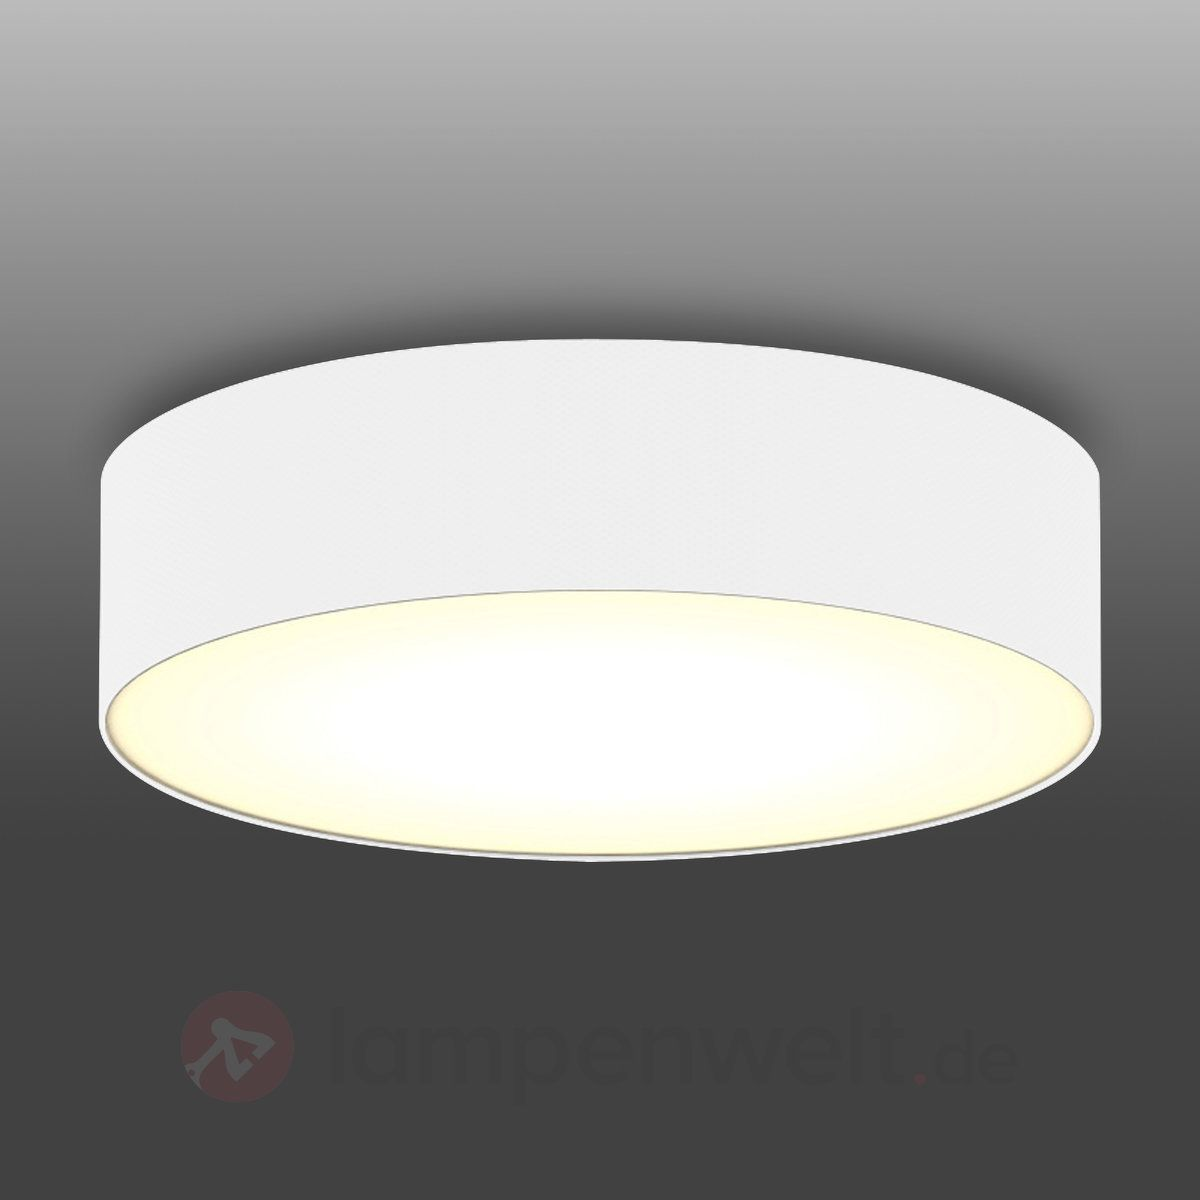 Weiße Ceiling Deckenleuchte KaufenBad Lampen Dream Textil vIYgbyf76